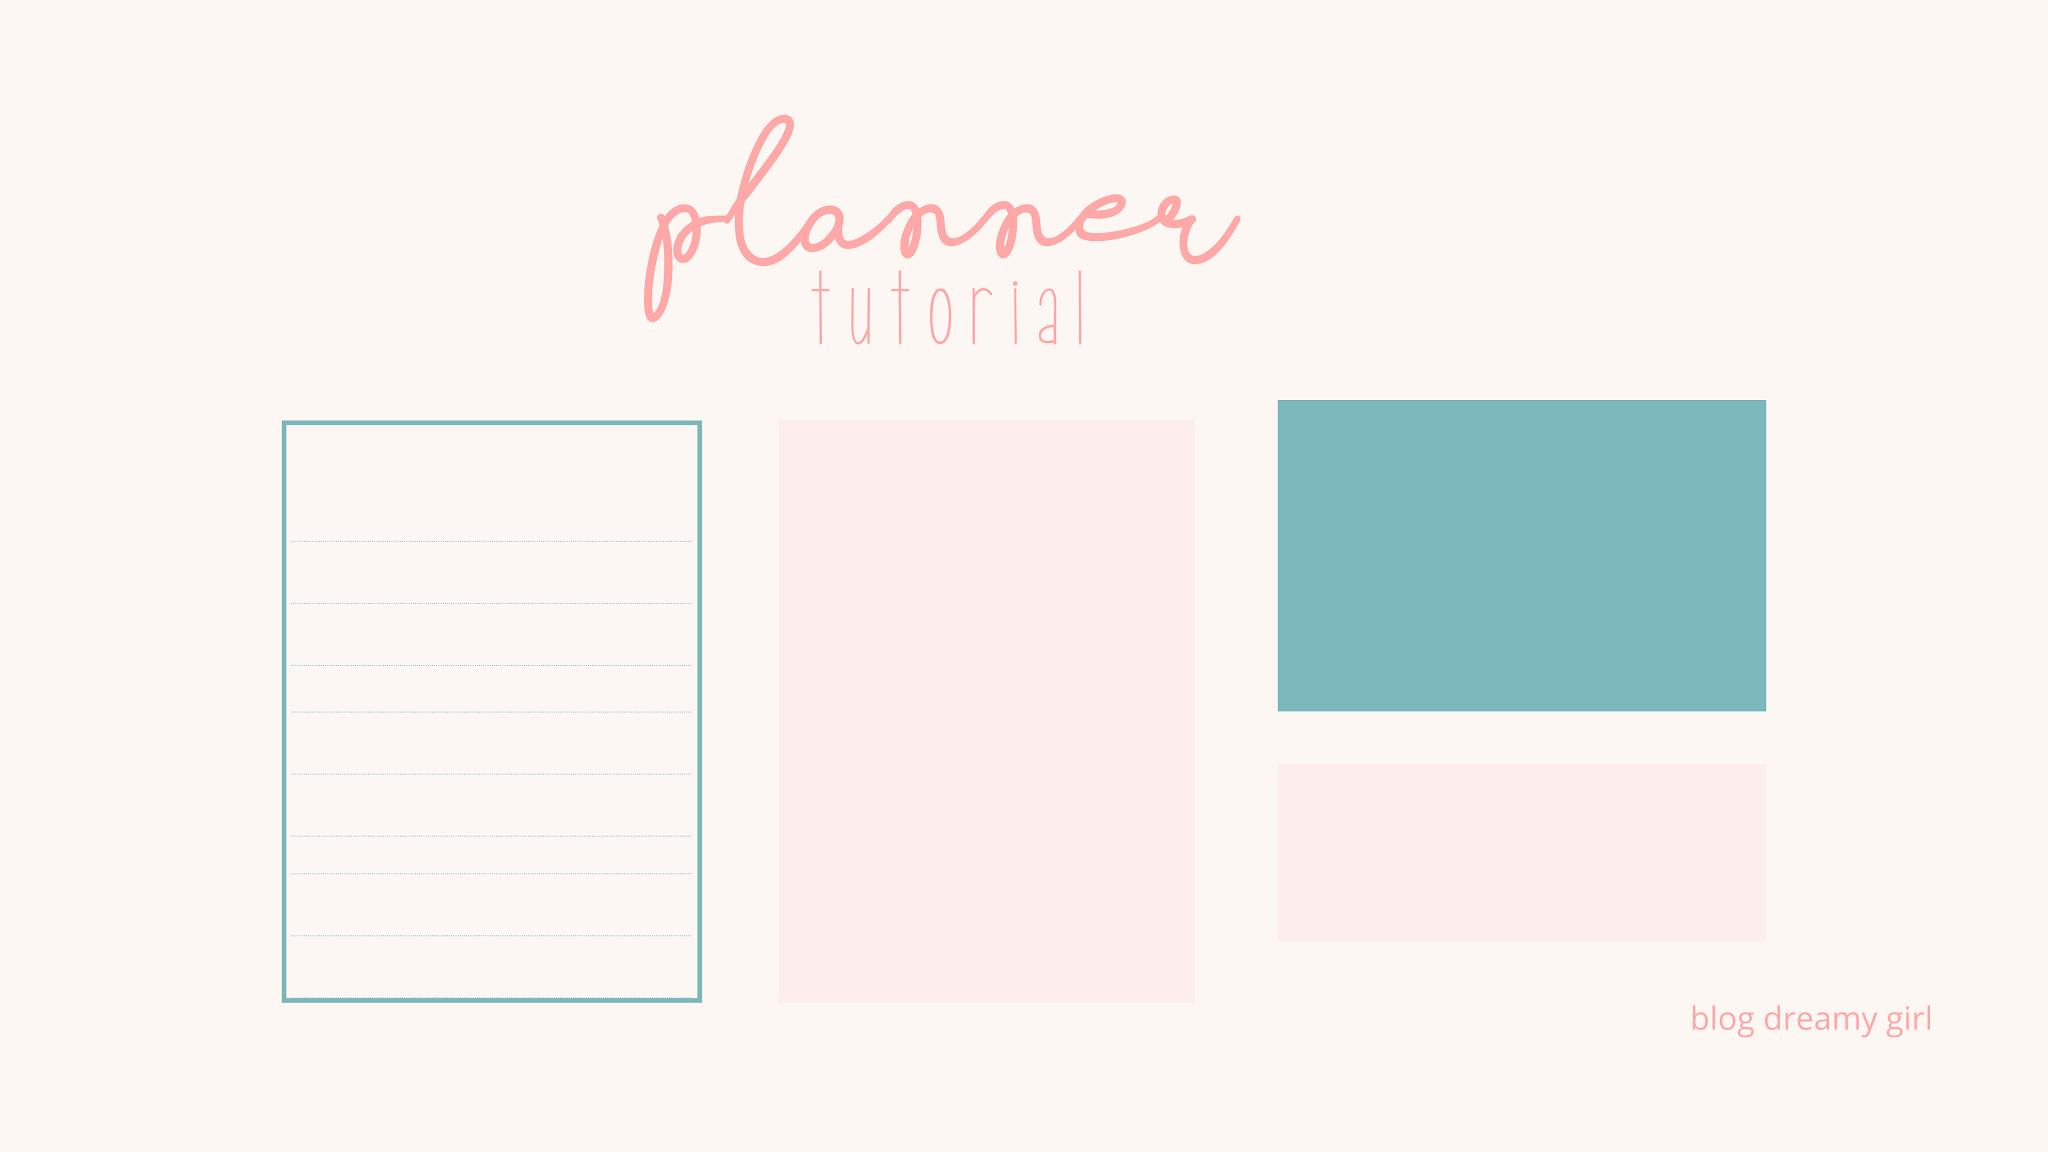 Aprenda como ganhar dinheiro vendendo planners usando a ferramenta gratuita do Canva